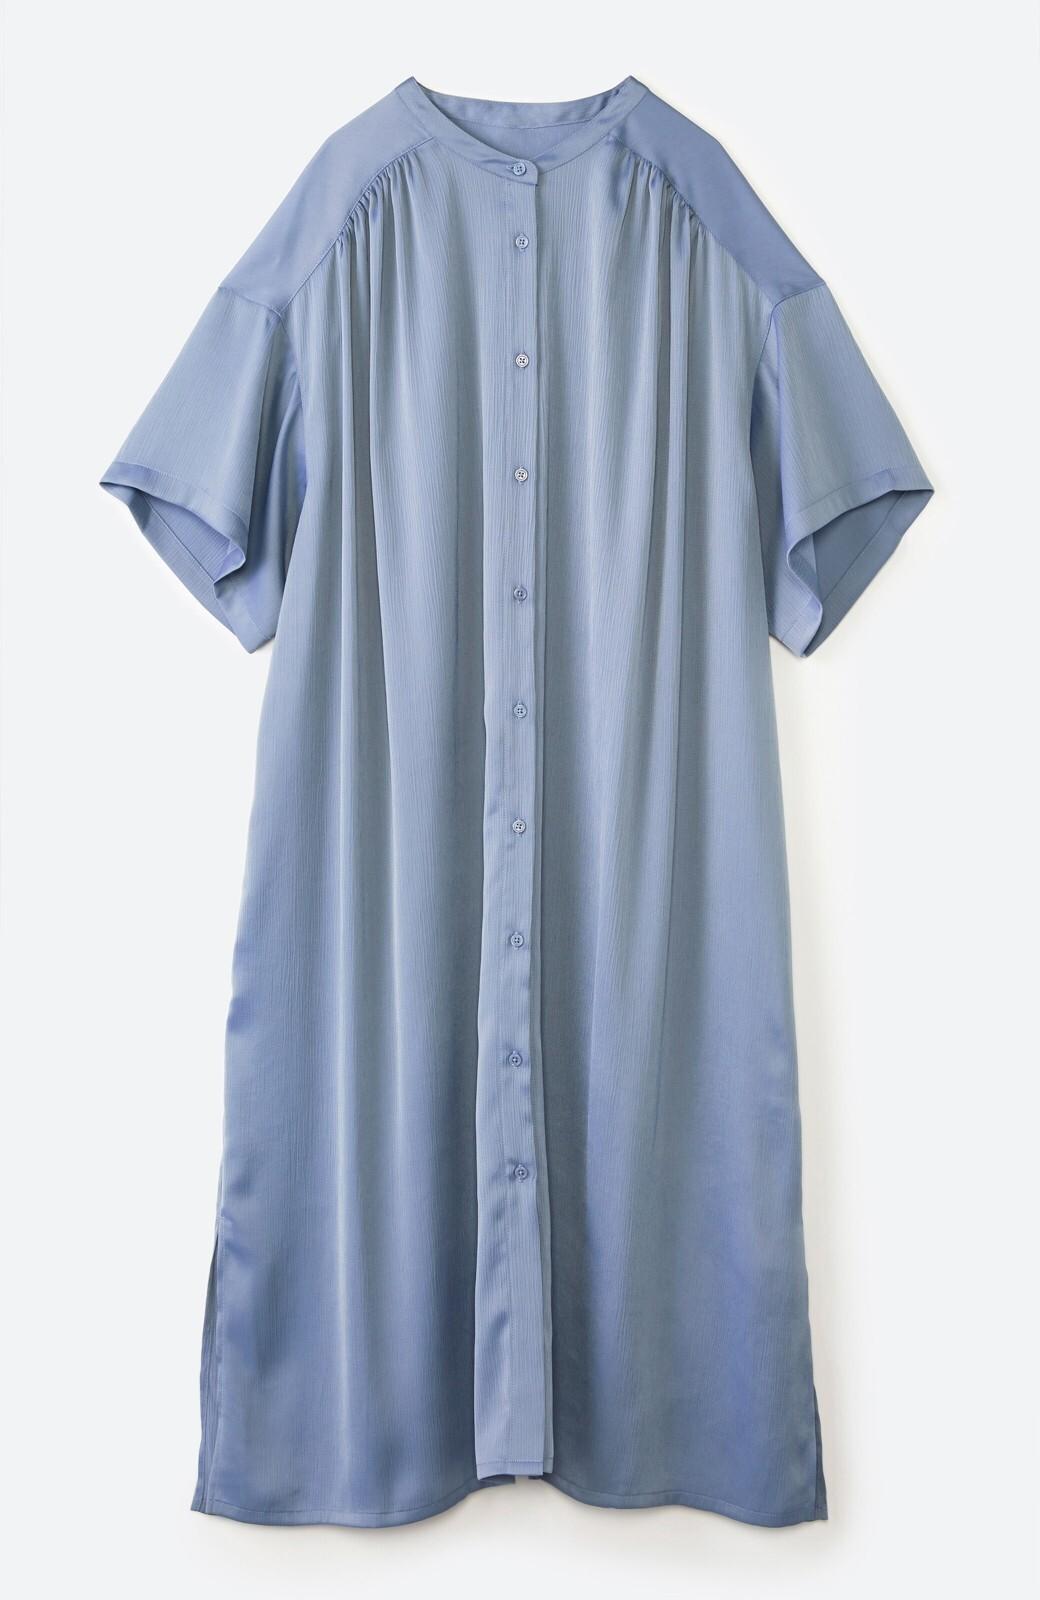 haco! 羽織としてもワンピースとしても着られちゃう 後ろ姿まで抜かりなくかわいいプリーツワンピース <ブルー>の商品写真23